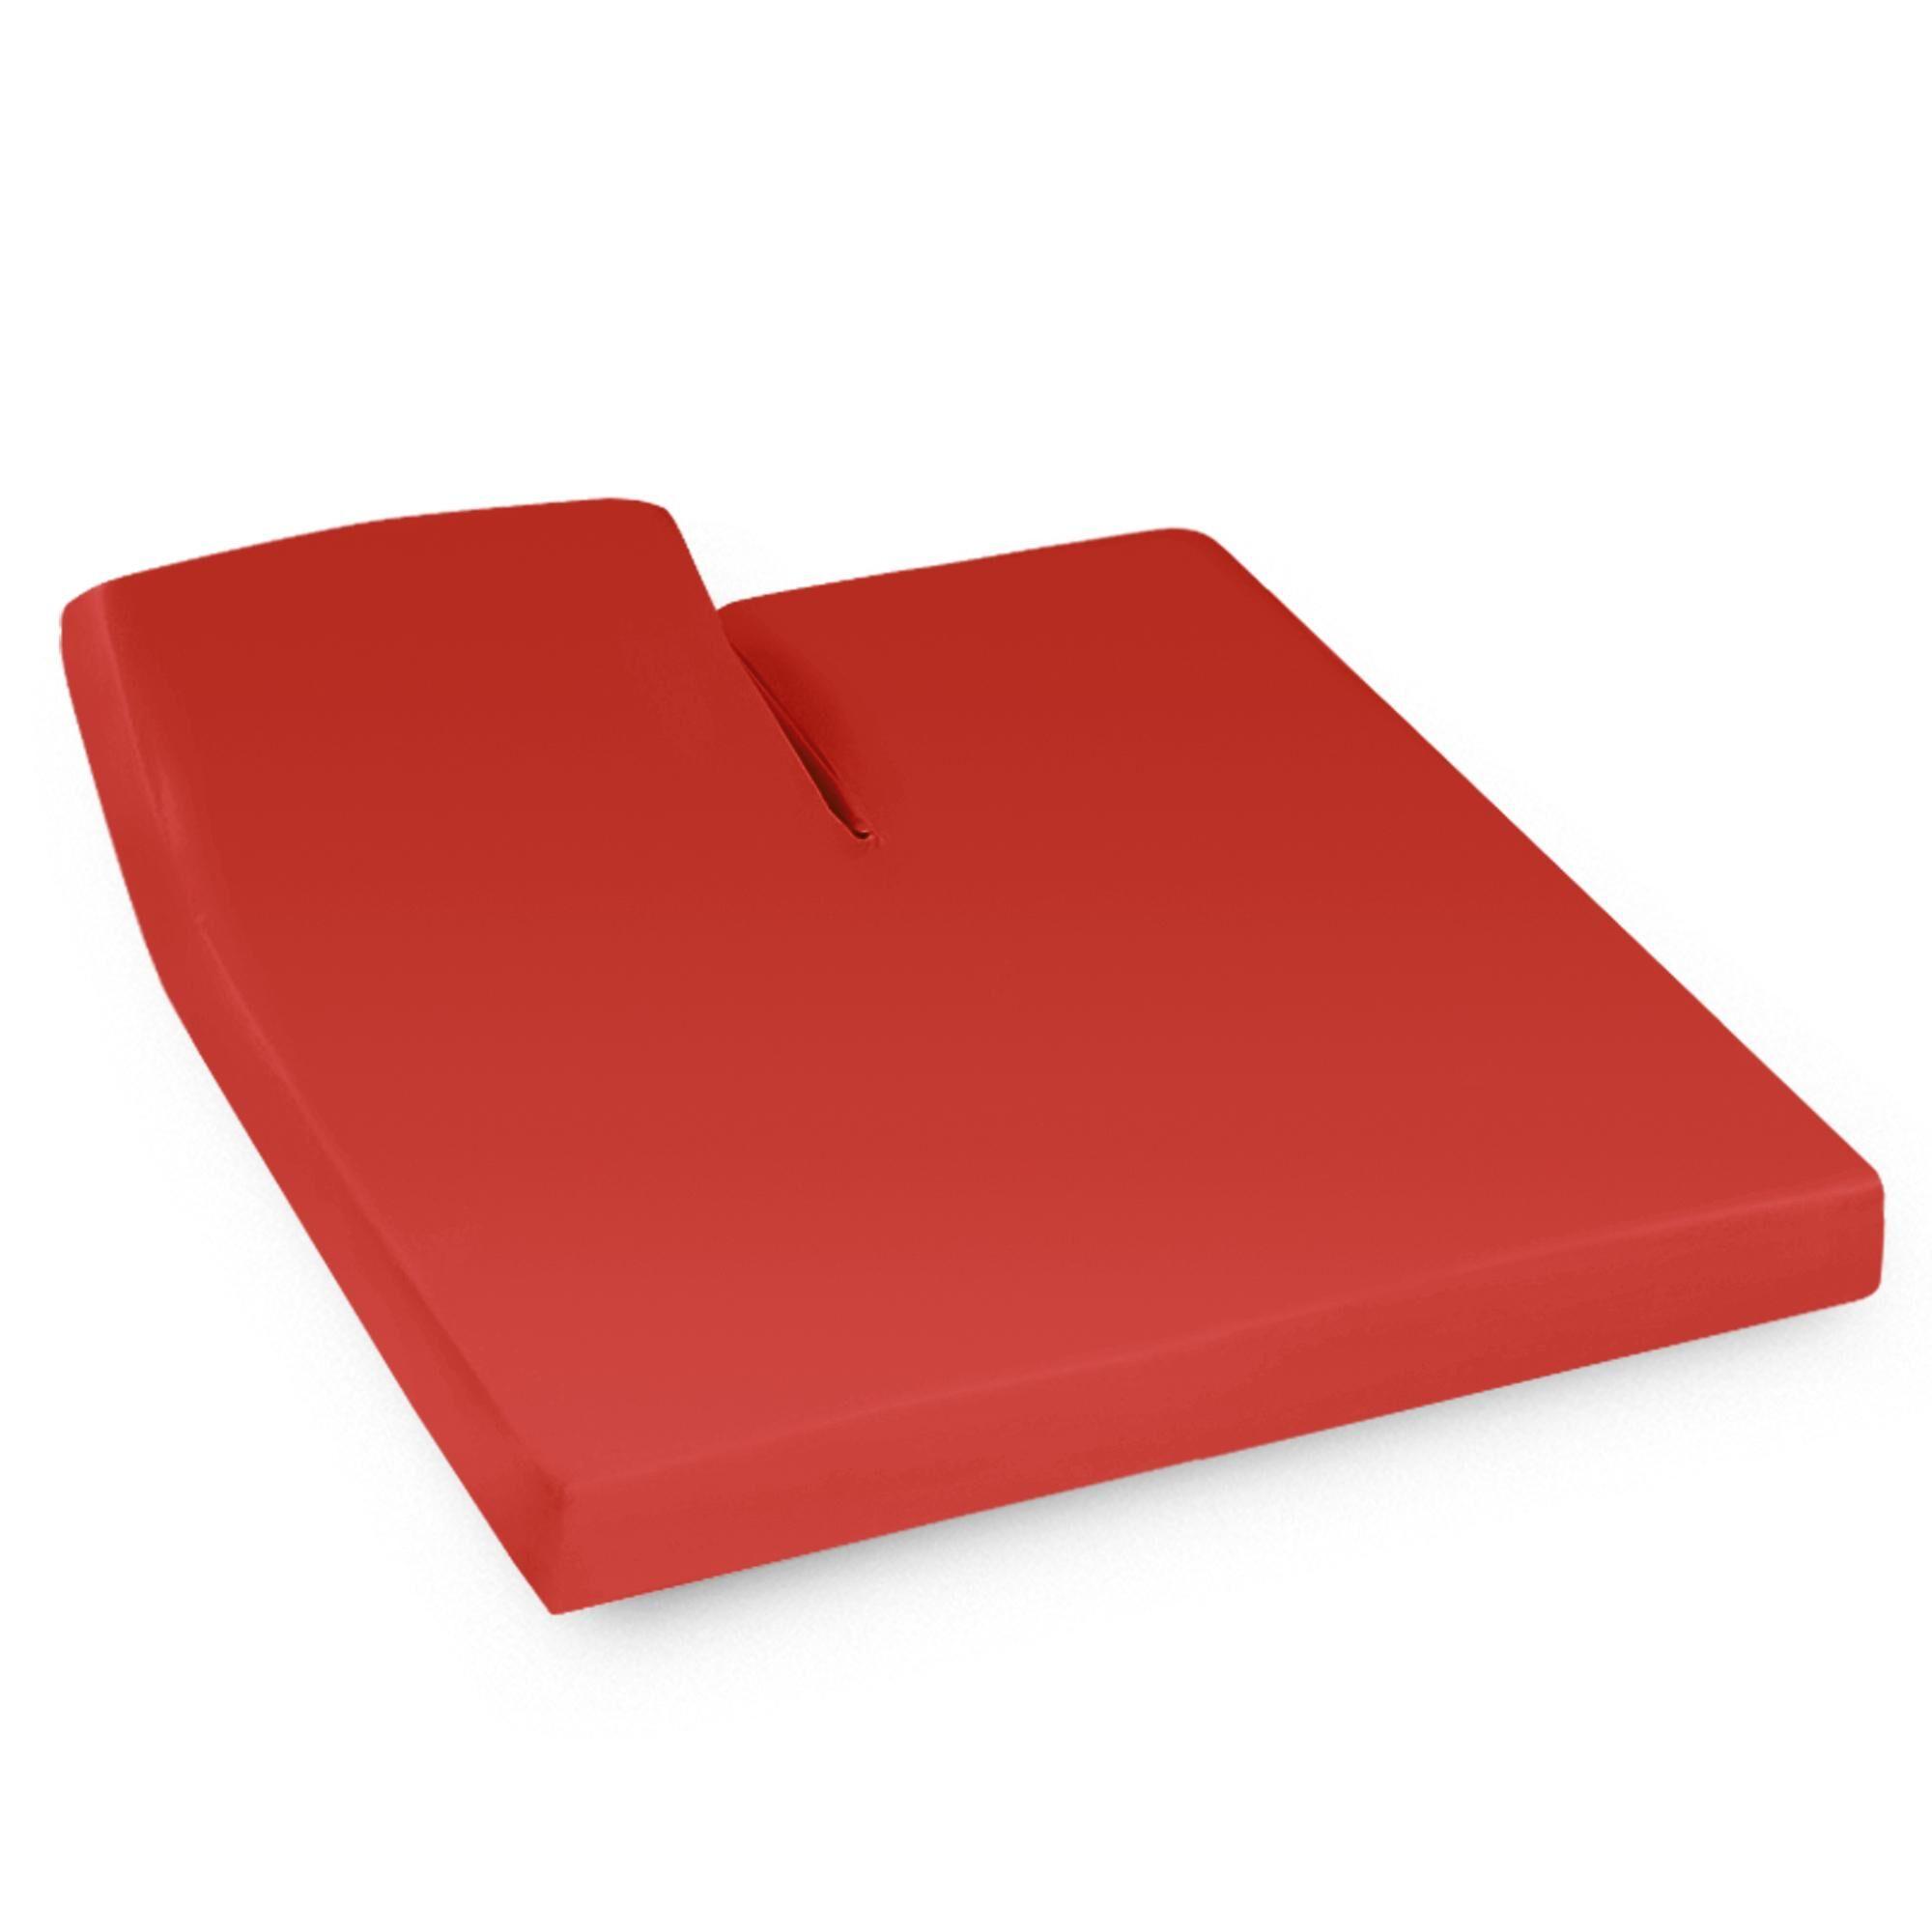 Linnea Drap housse relaxation uni 2x100x190 cm 100% coton ALTO orange Baie de Goji TR Tête relevable uniquement